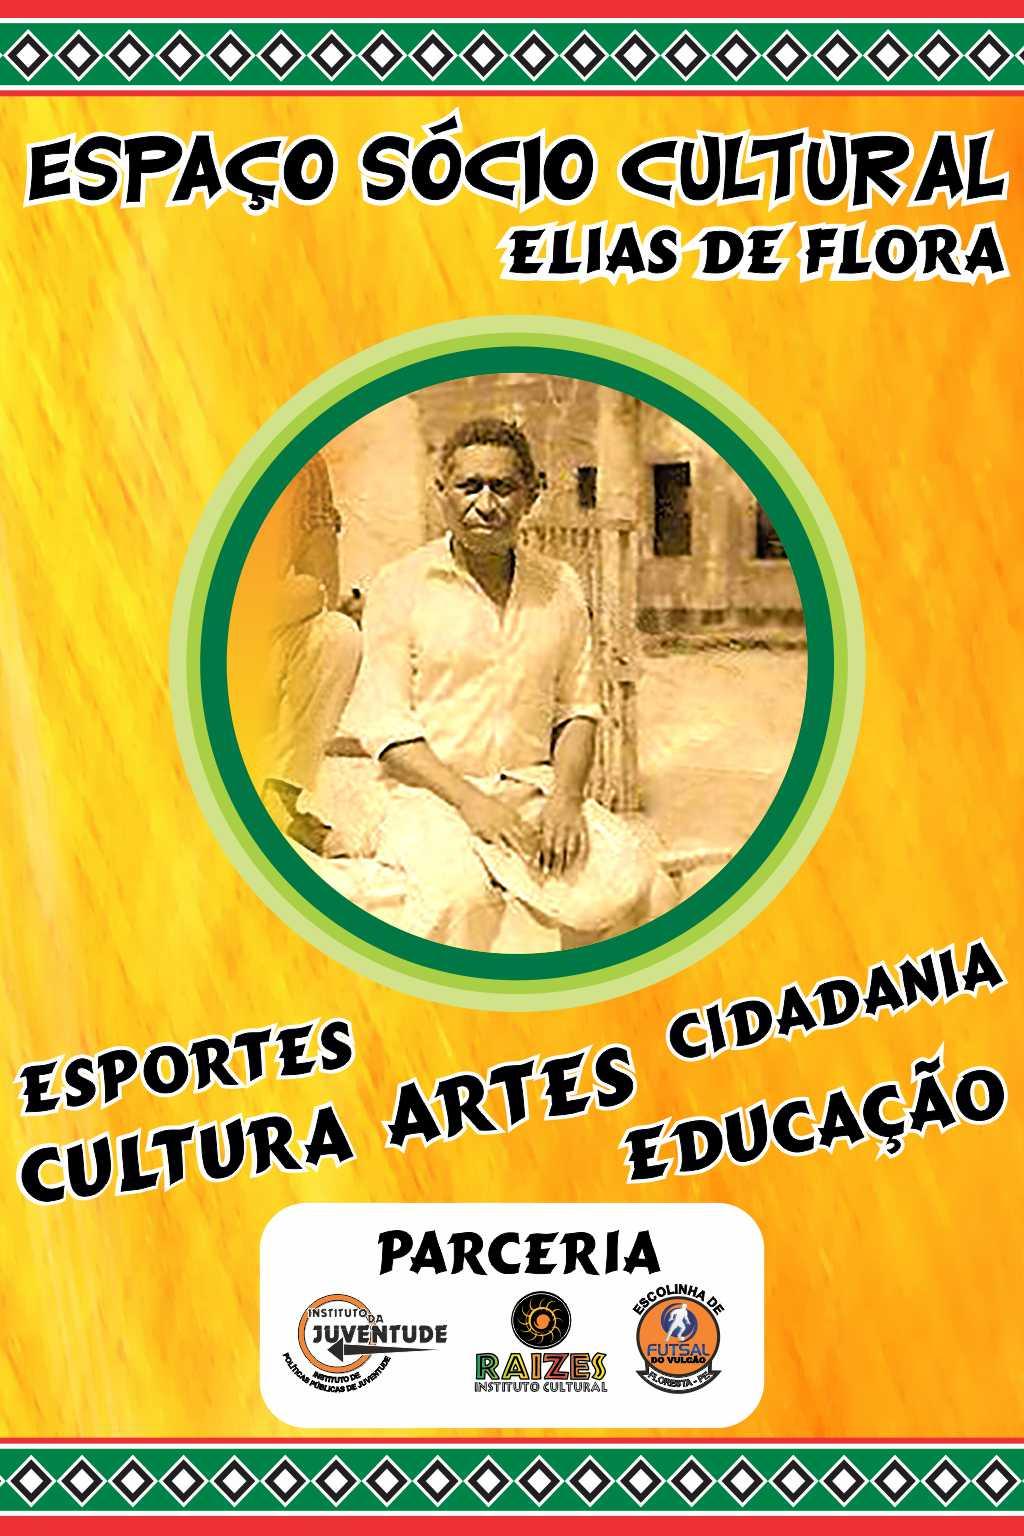 ESPAÇO SÓCIO CULTURAL ELIAS DE FLORA